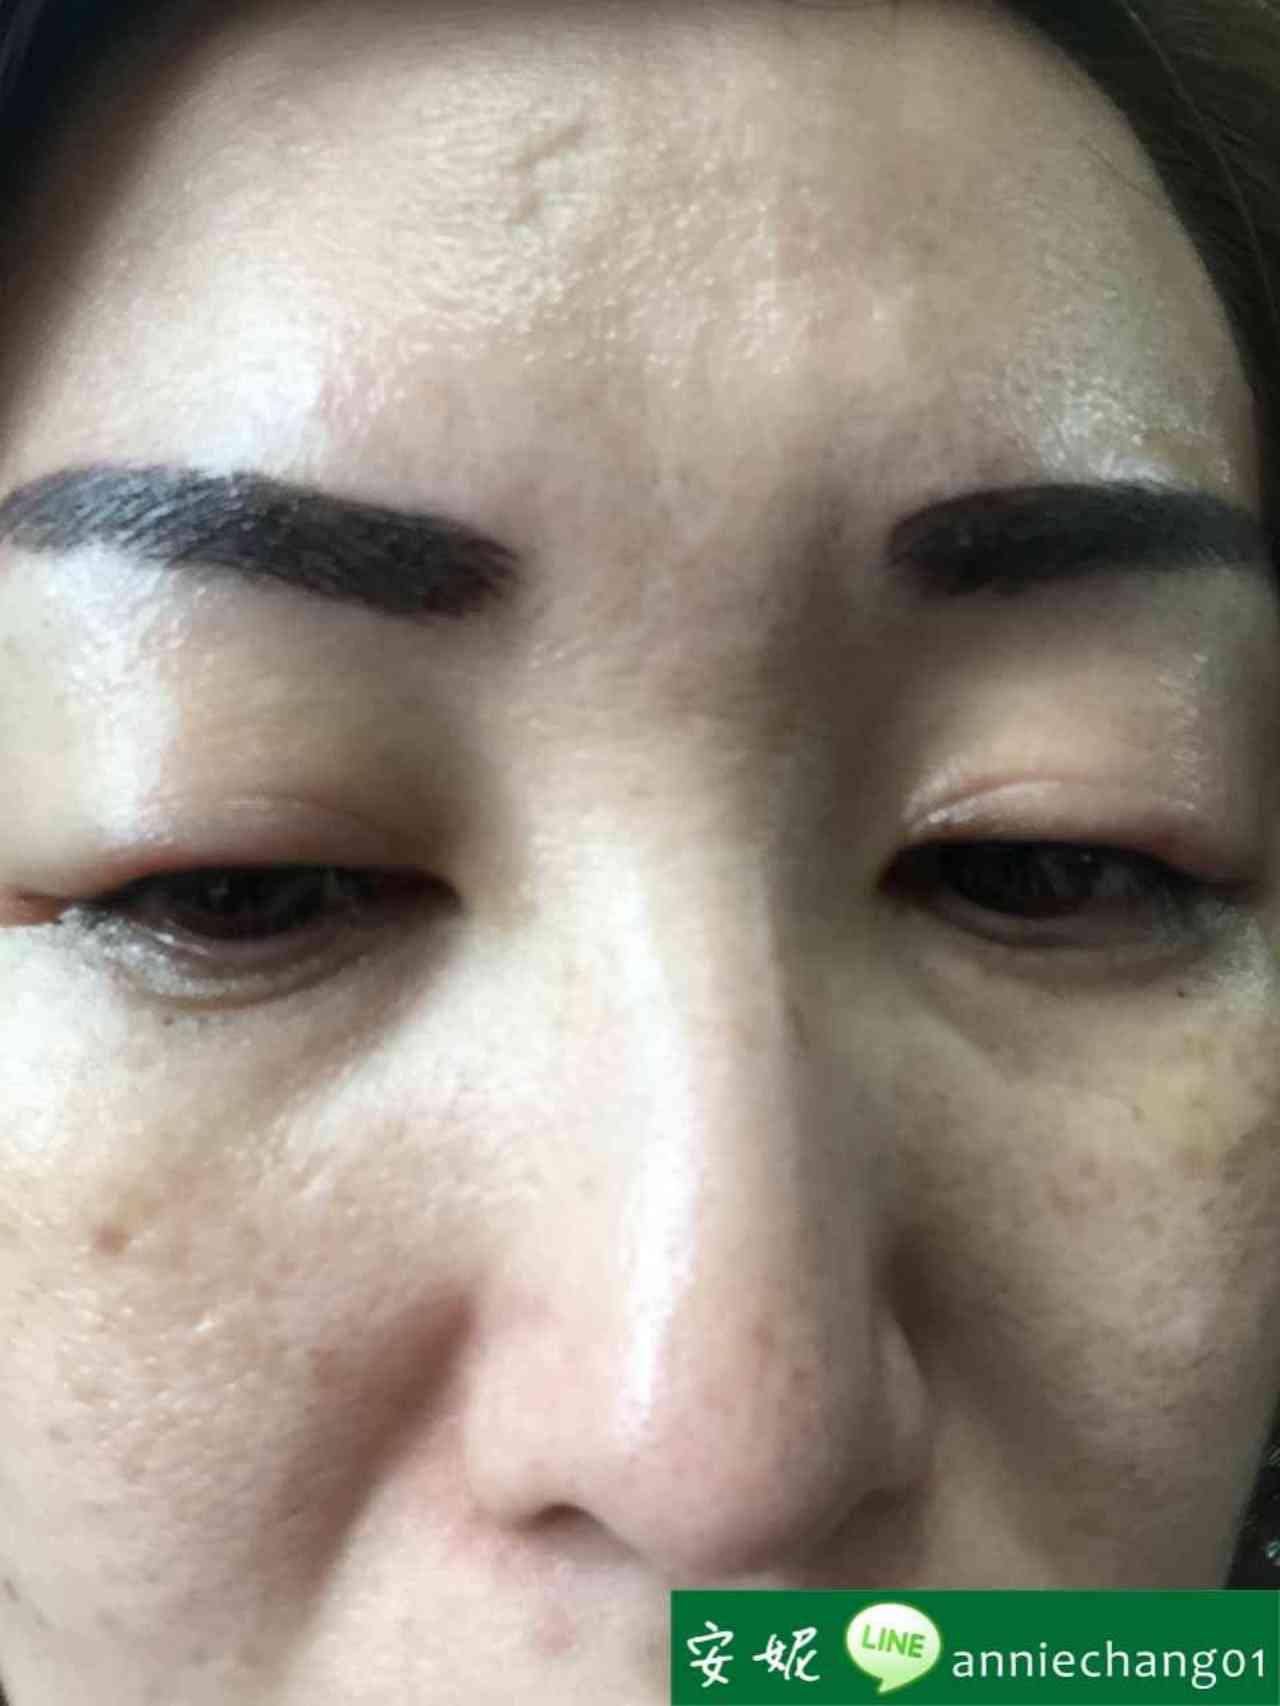 【生活】飄眉 紋眼線